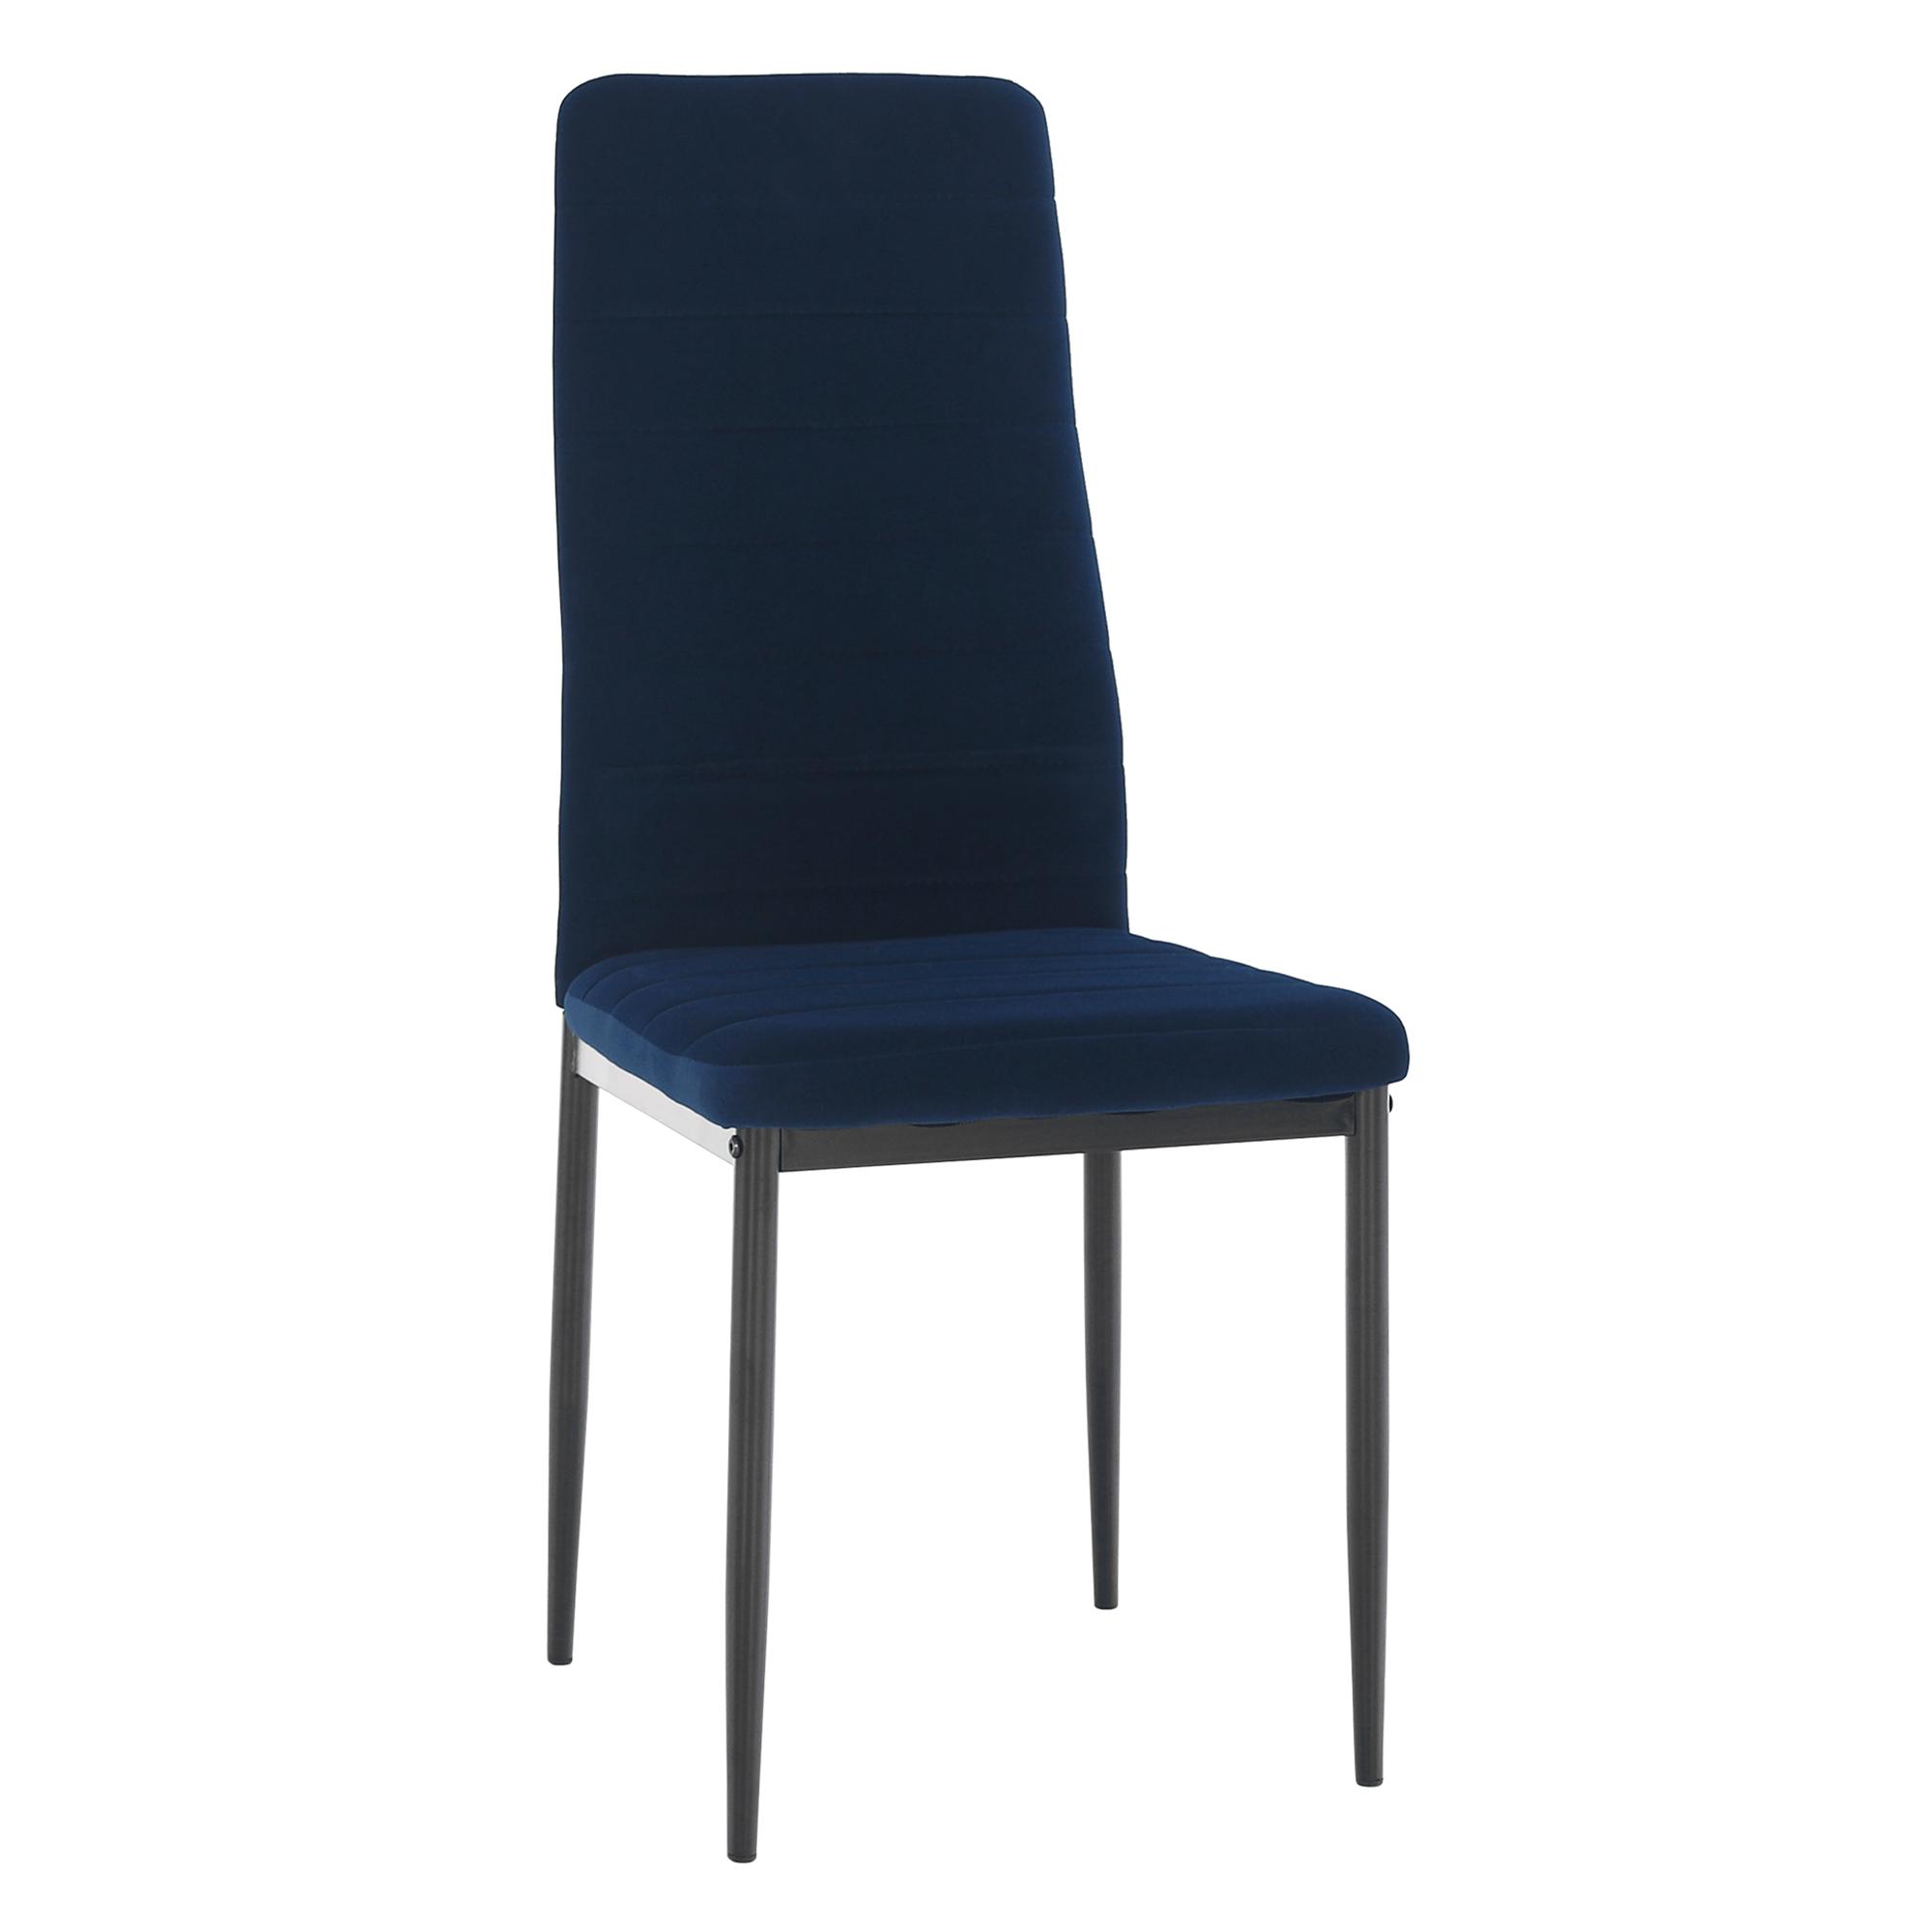 Scaun, țesătură albastră din catifea / metal negru, Coleta Nova